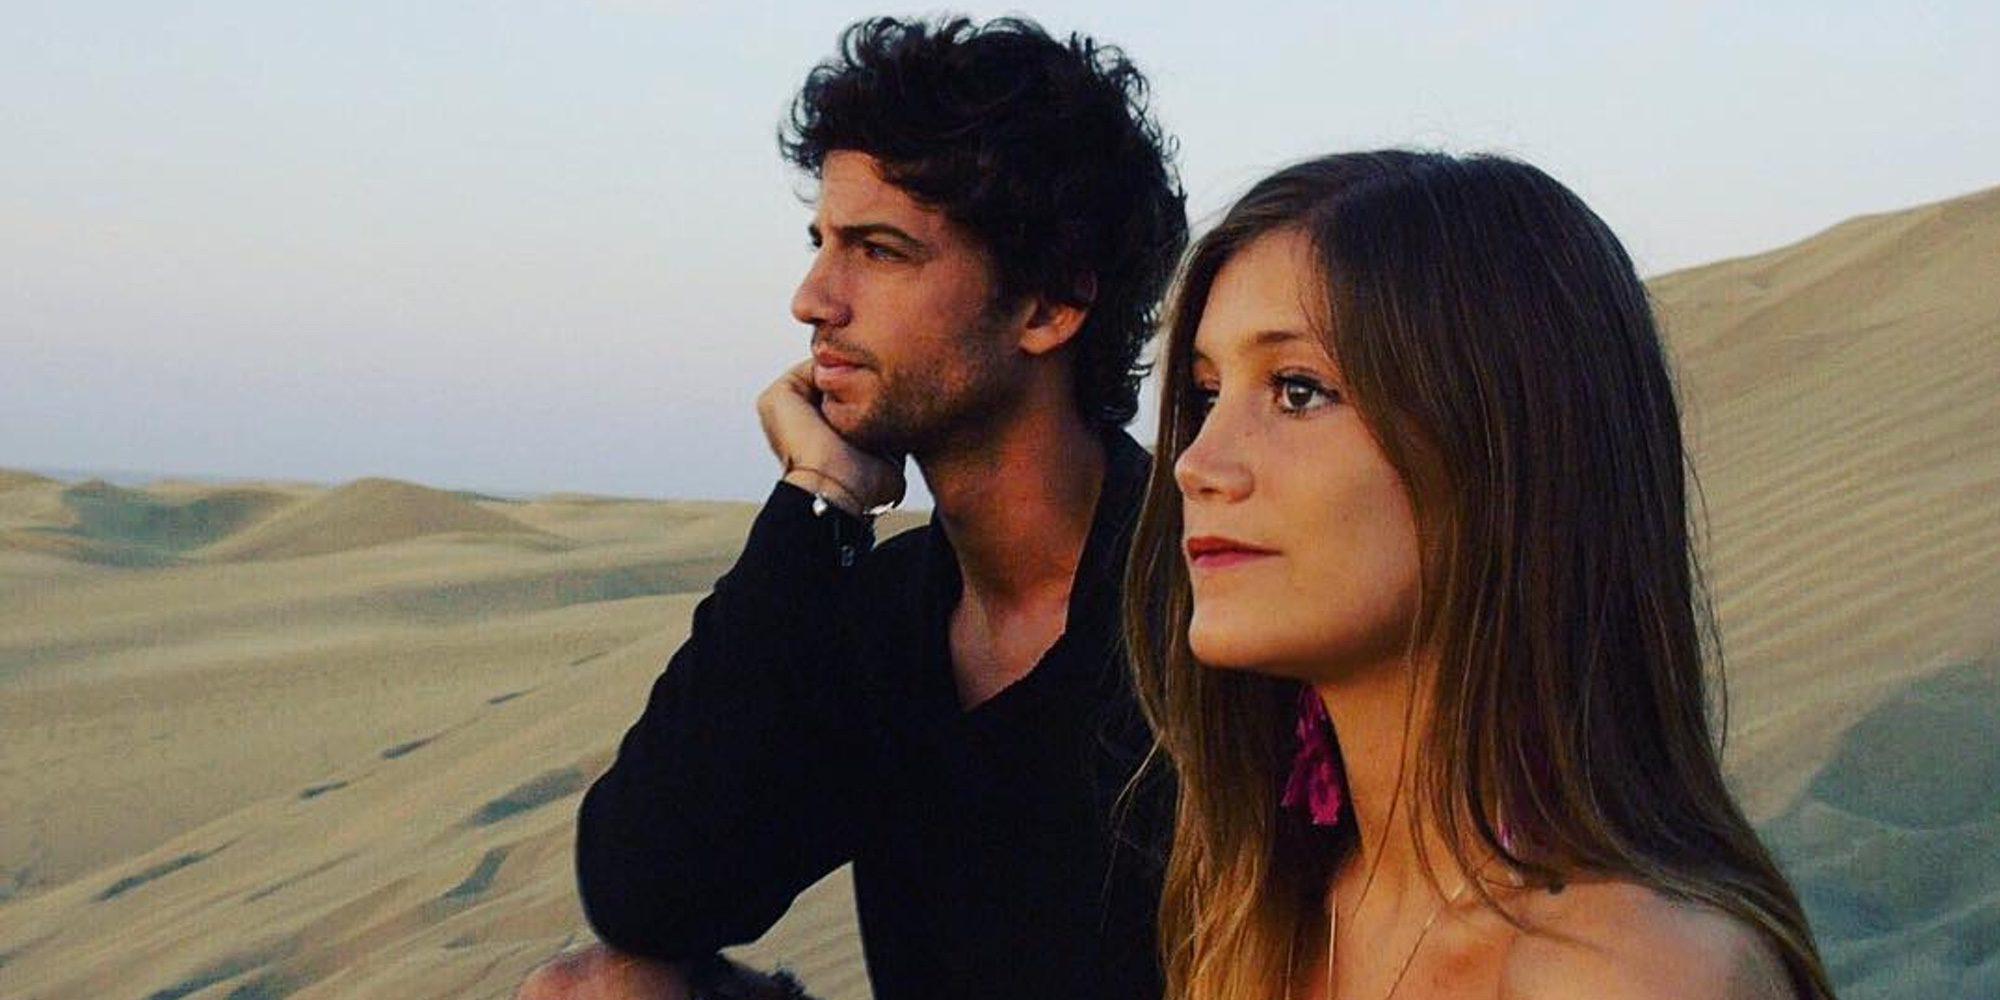 Jorge, ganador de 'Masterchef 5', y Miri confirman su relación con un bonito vídeo de su viaje a Canarias